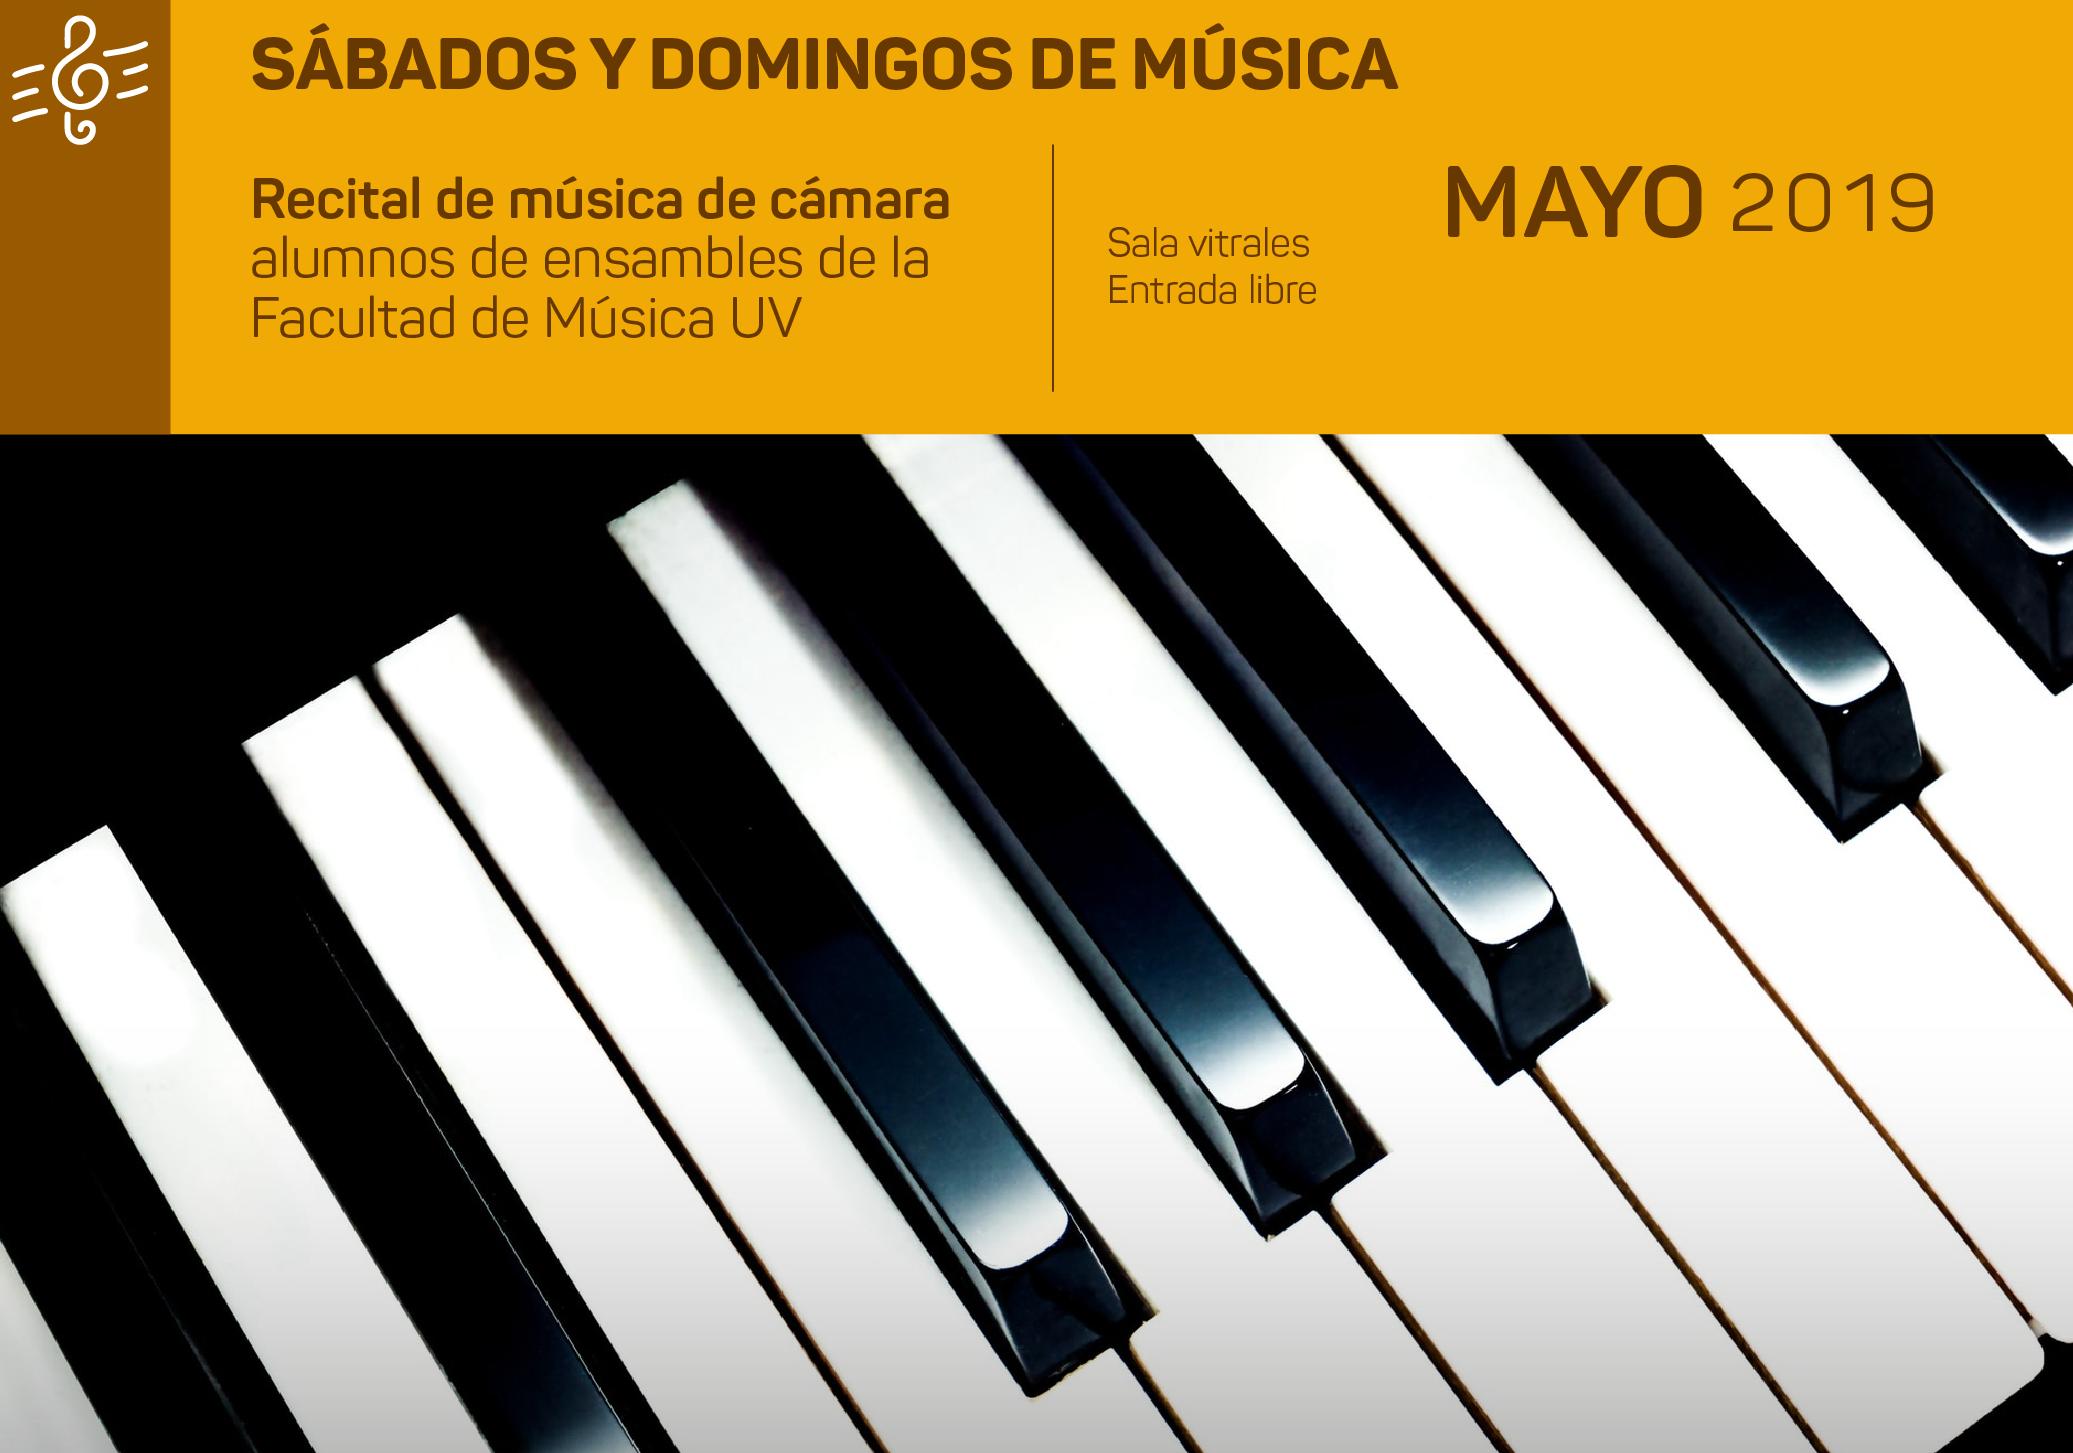 Recitales de música de cámara en Casa de Cultura de Coatepec